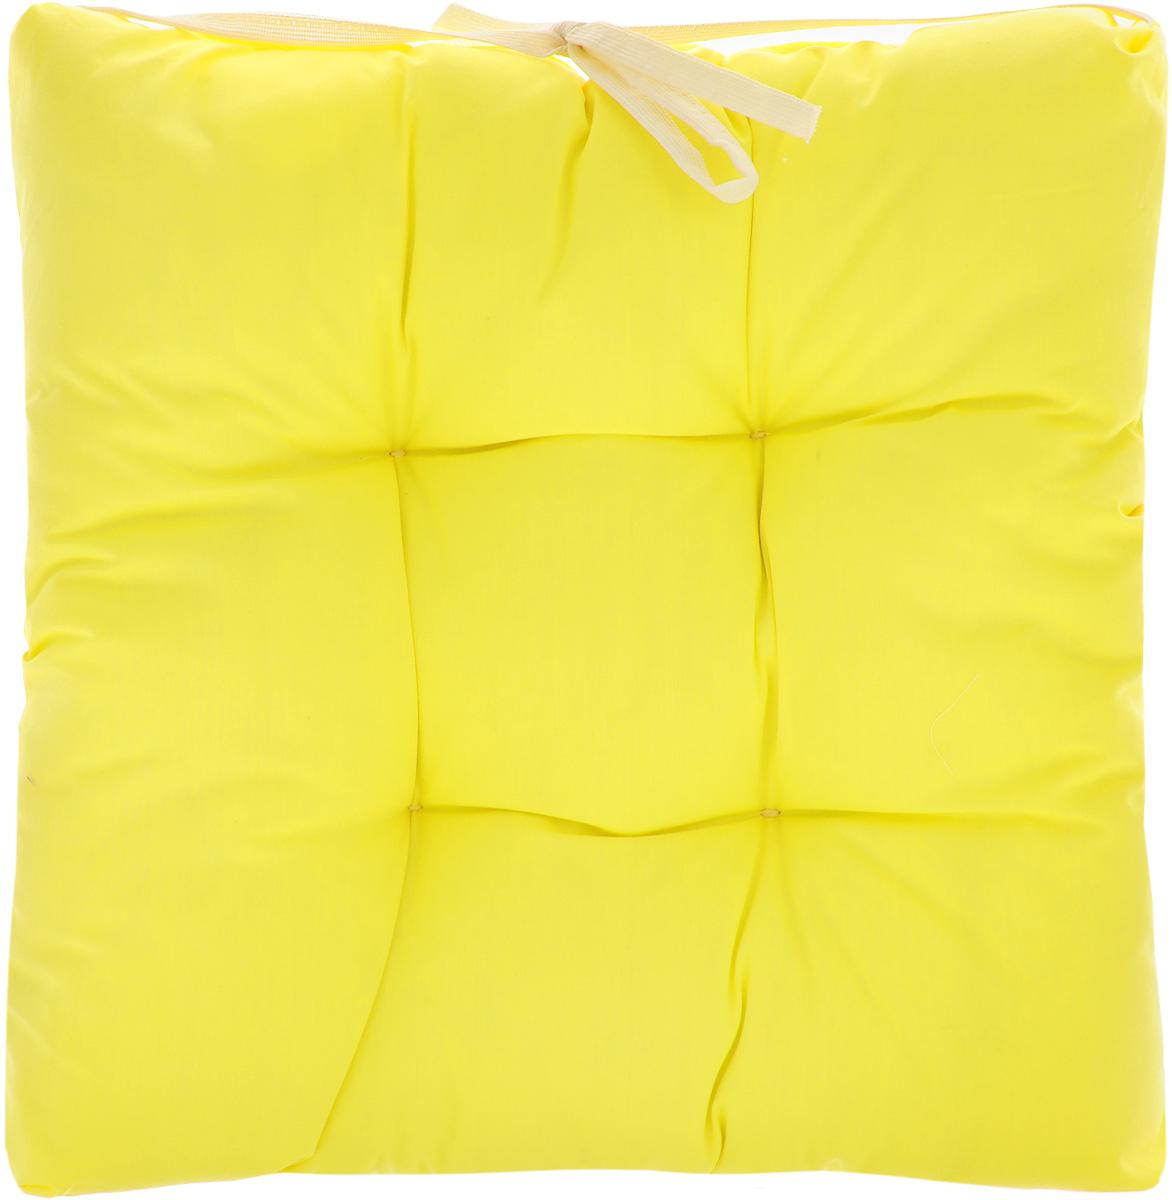 Подушка на стул Eva, объемная, цвет: желтый, 40 х 40 смЕ064_желтыйПодушка Eva, изготовленная из хлопка, прослужит вам не один десяток лет. Внутри - мягкий наполнитель из полиэстера. Стежка надежно удерживает наполнитель внутри и не позволяет ему скатываться. Подушка легко крепится на стул с помощью завязок. Правильно сидеть - значит сохранить здоровье на долгие годы. Жесткие сидения подвергают наше здоровье опасности. Подушка с наполнителем из полиэстера поможет предотвратить многие беды, которыми грозит сидячий образ жизни.